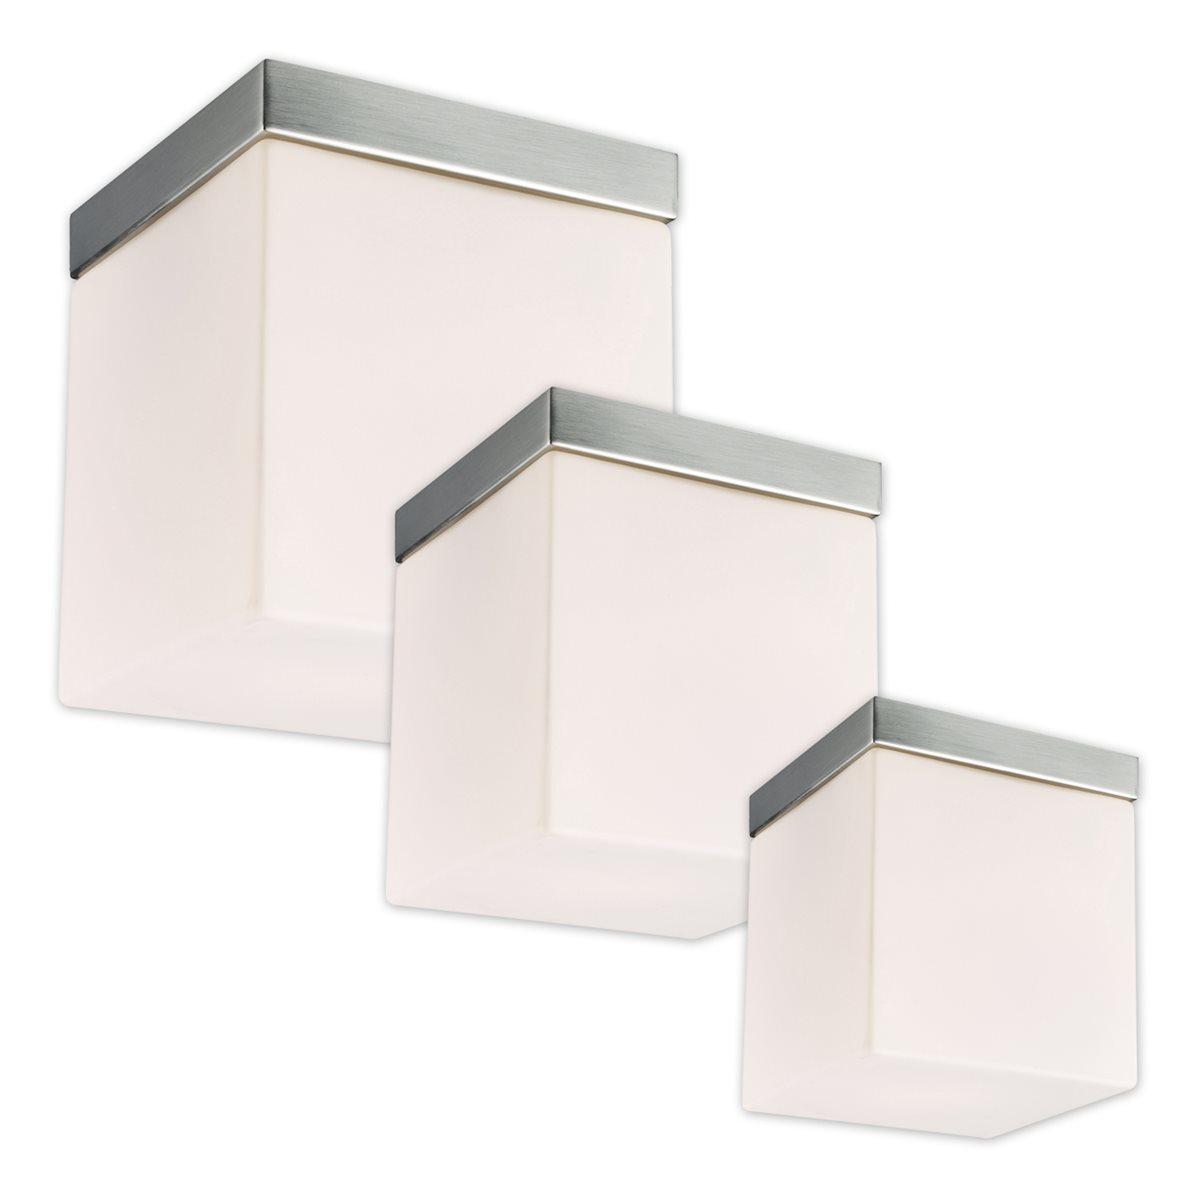 LED Decken Lampe Leuchte Dave Glas Eckig Weiß Matt Wohnzimmer Flur 12x12cm 230V